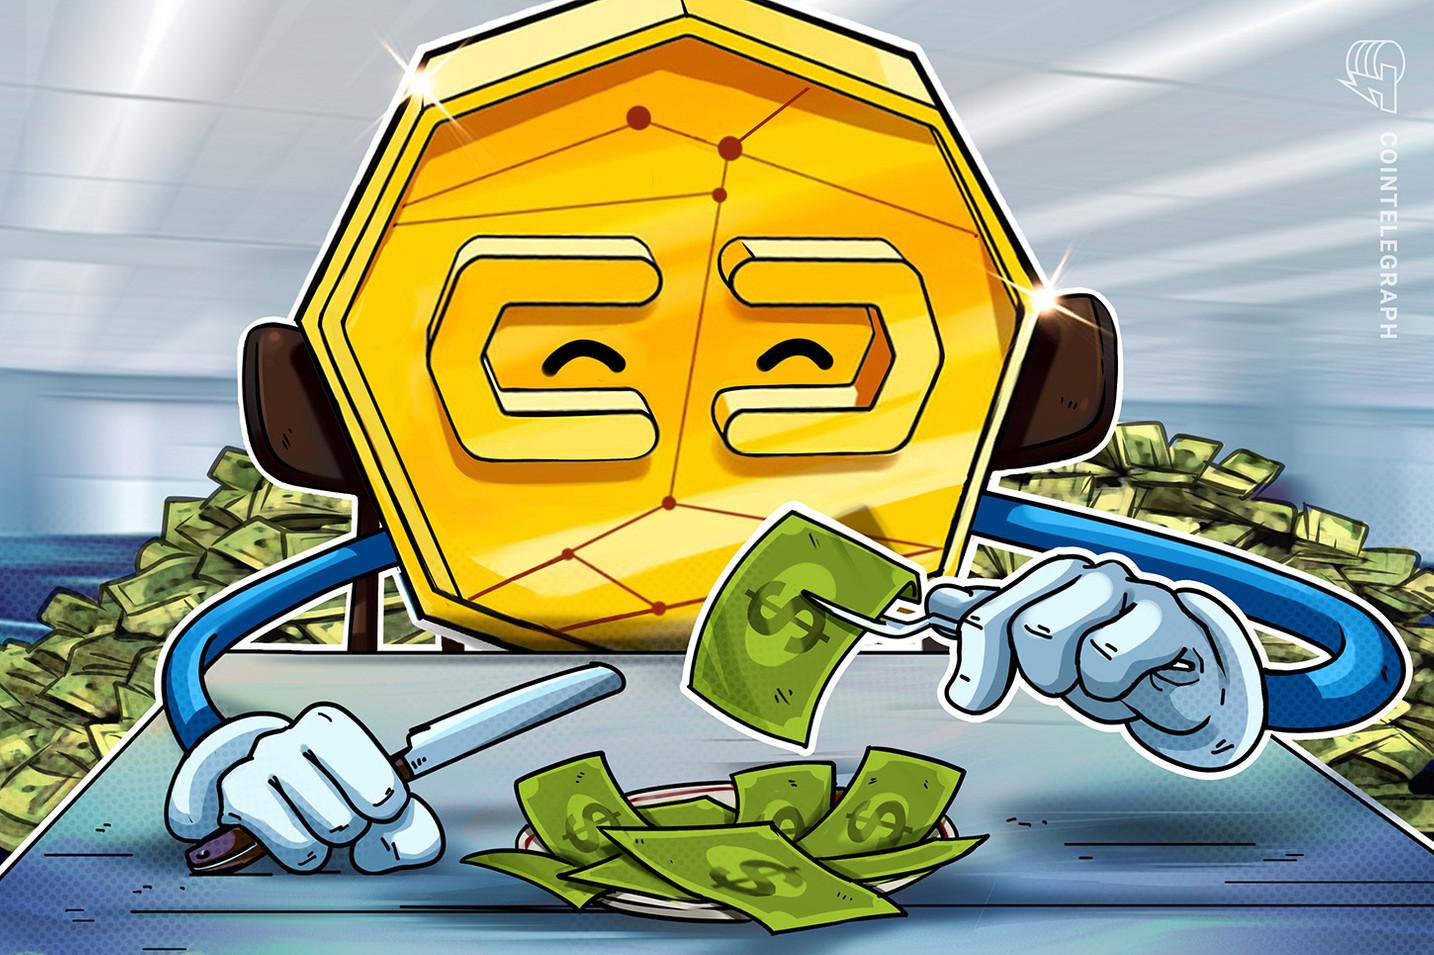 Le banche crypto renderanno obsolete le banche fiat in tre anni o meno